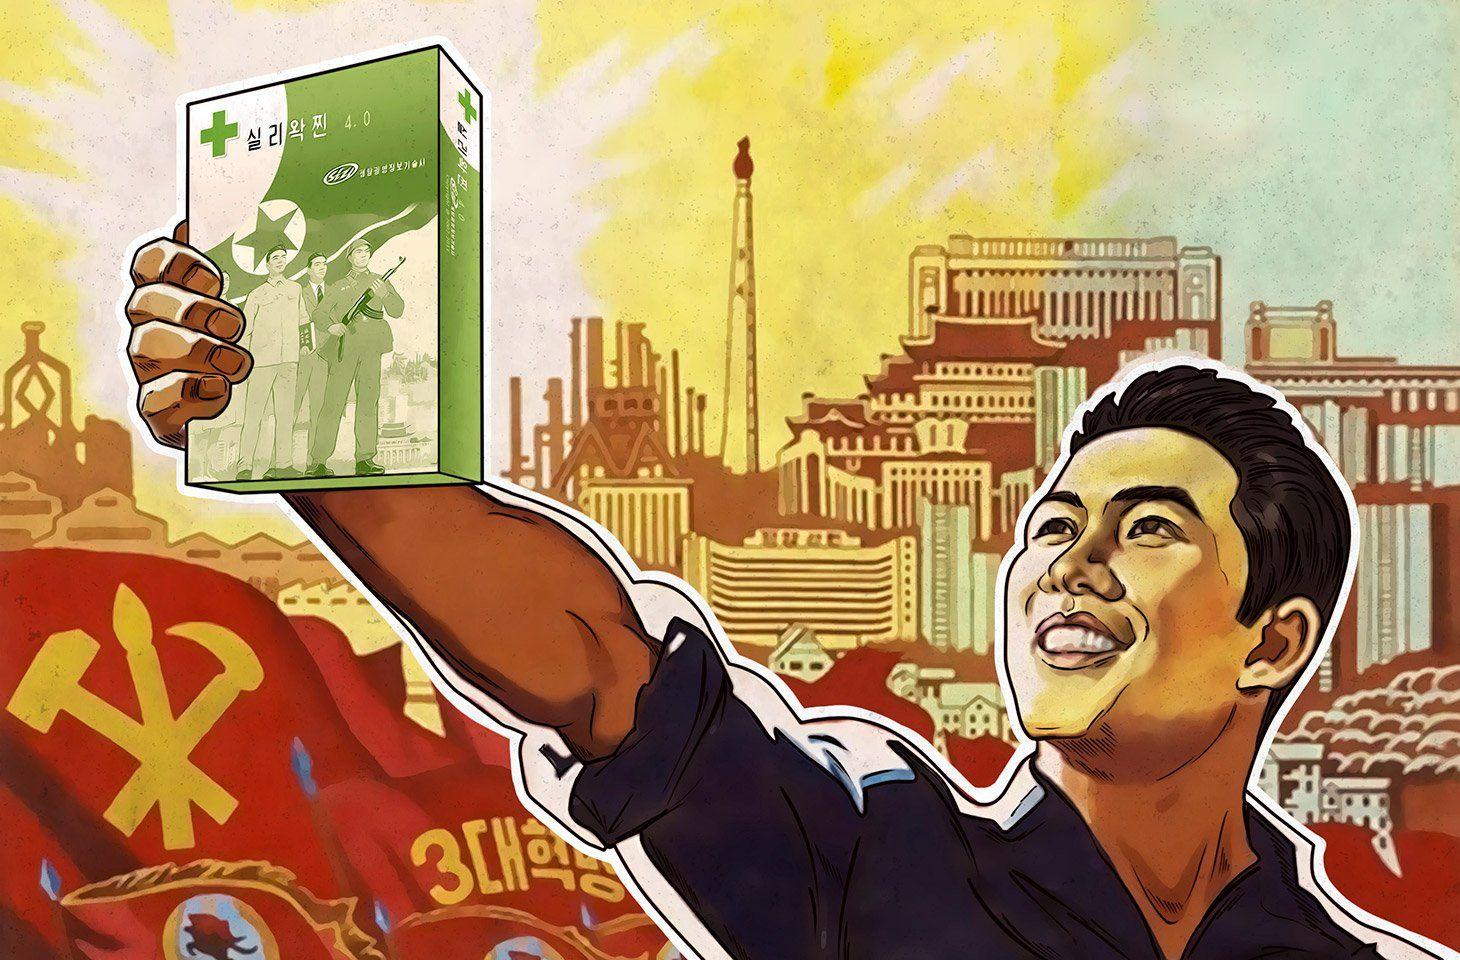 Gli esperti hanno scoperto molte informazioni interessanti nel codice dell'antivirus nordcoreano SiliVaccine